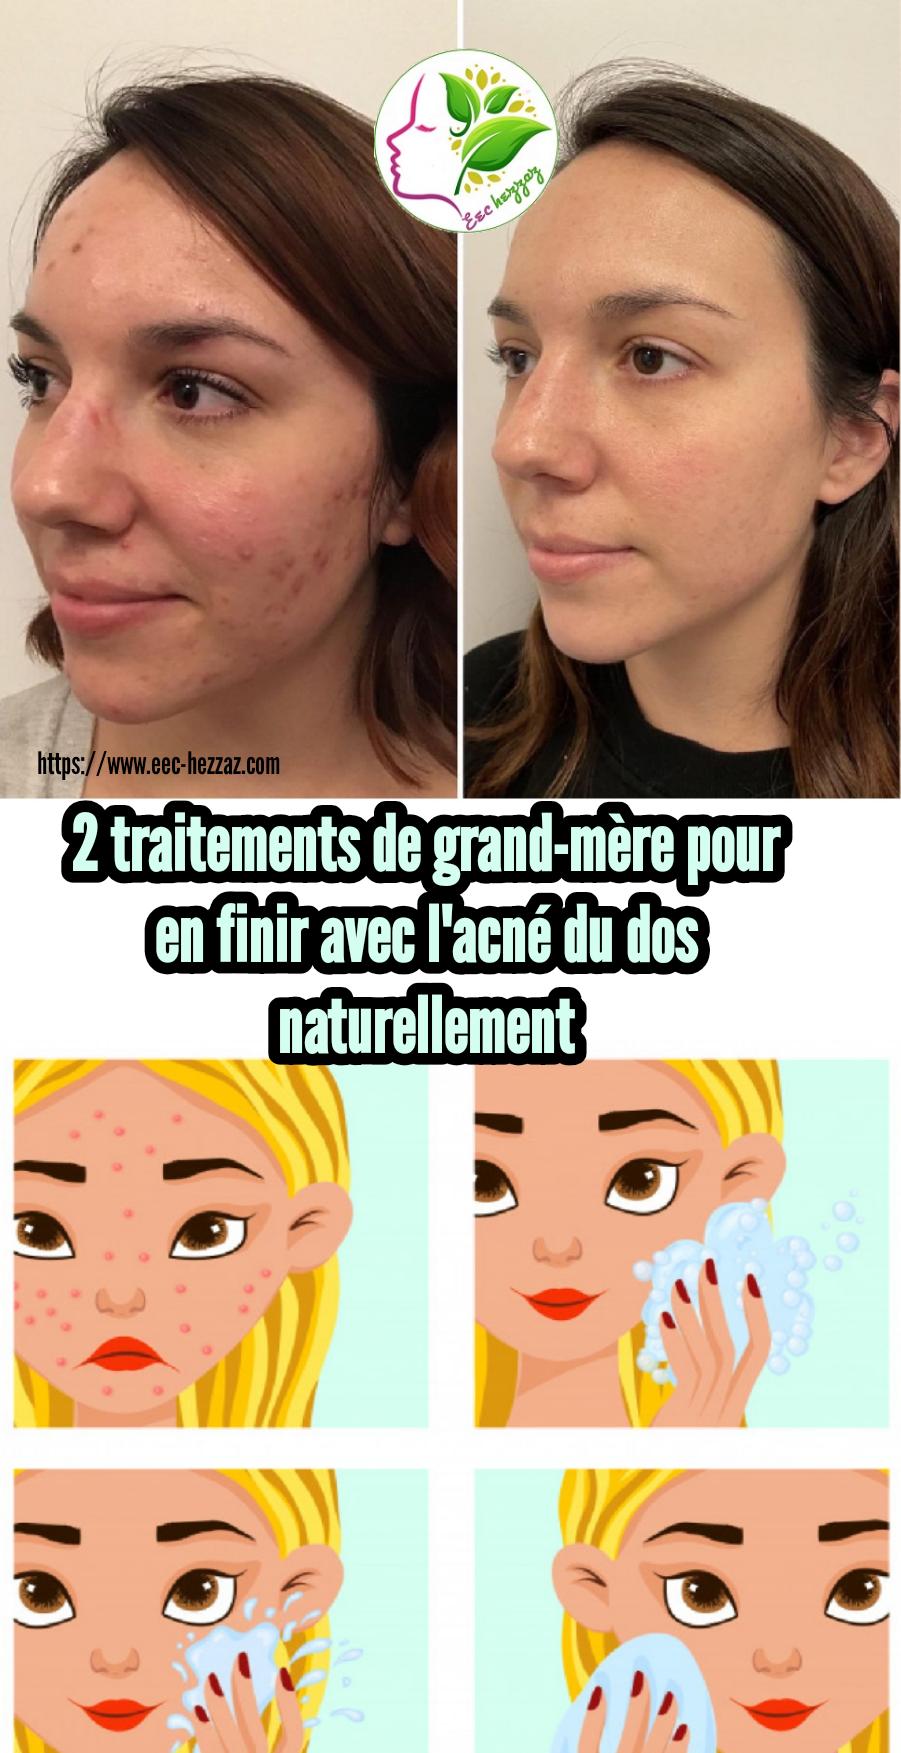 2 traitements de grand-mère pour en finir avec l'acné du dos naturellement